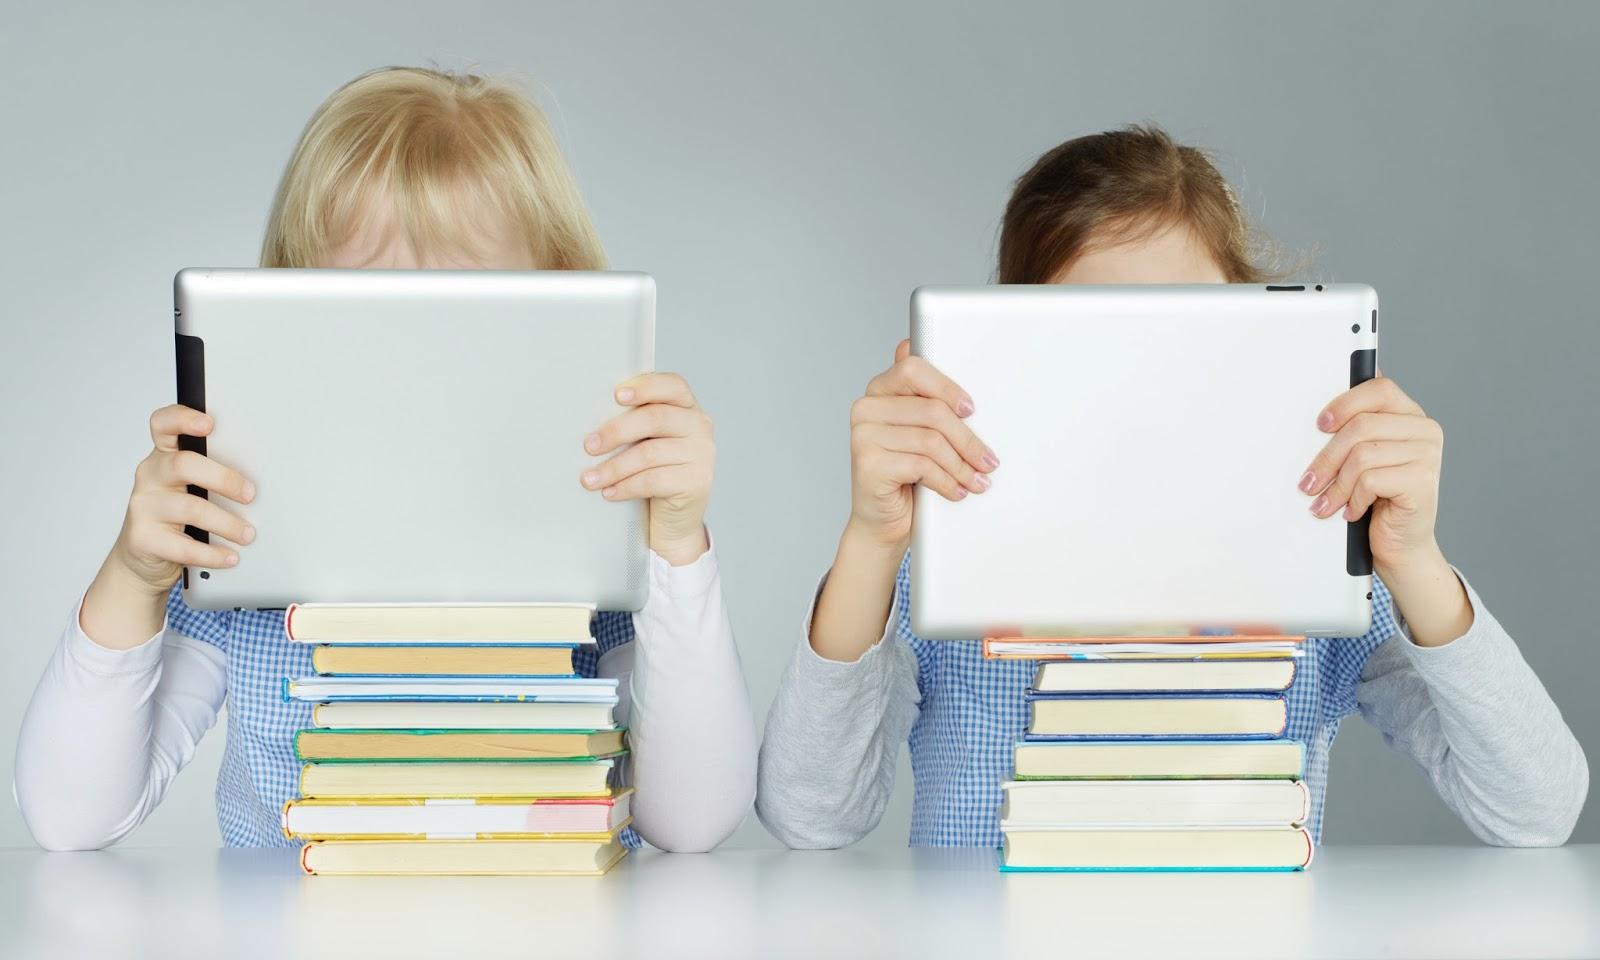 il rapporto tra bambini e tecnologia